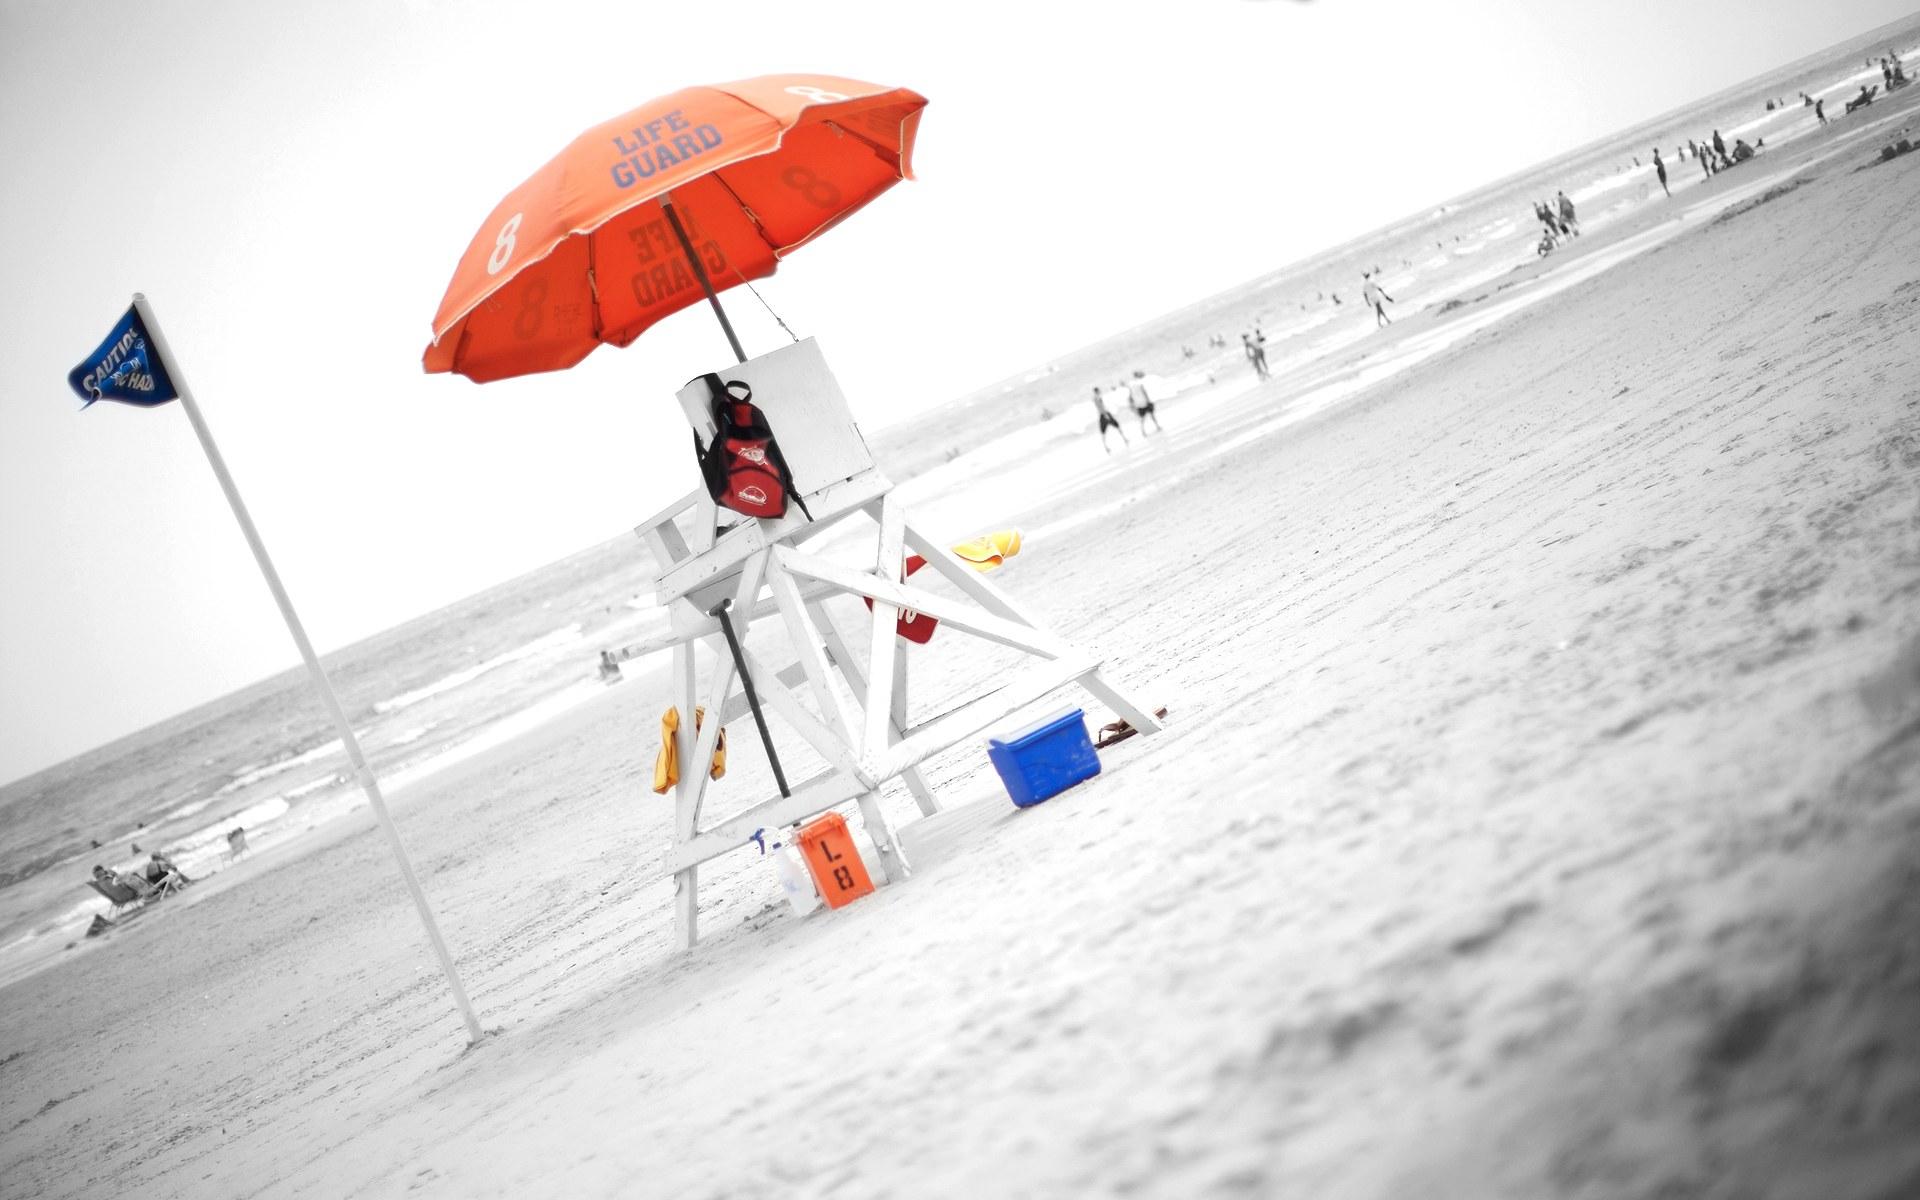 Una sombrilla naranja de playa - 1920x1200